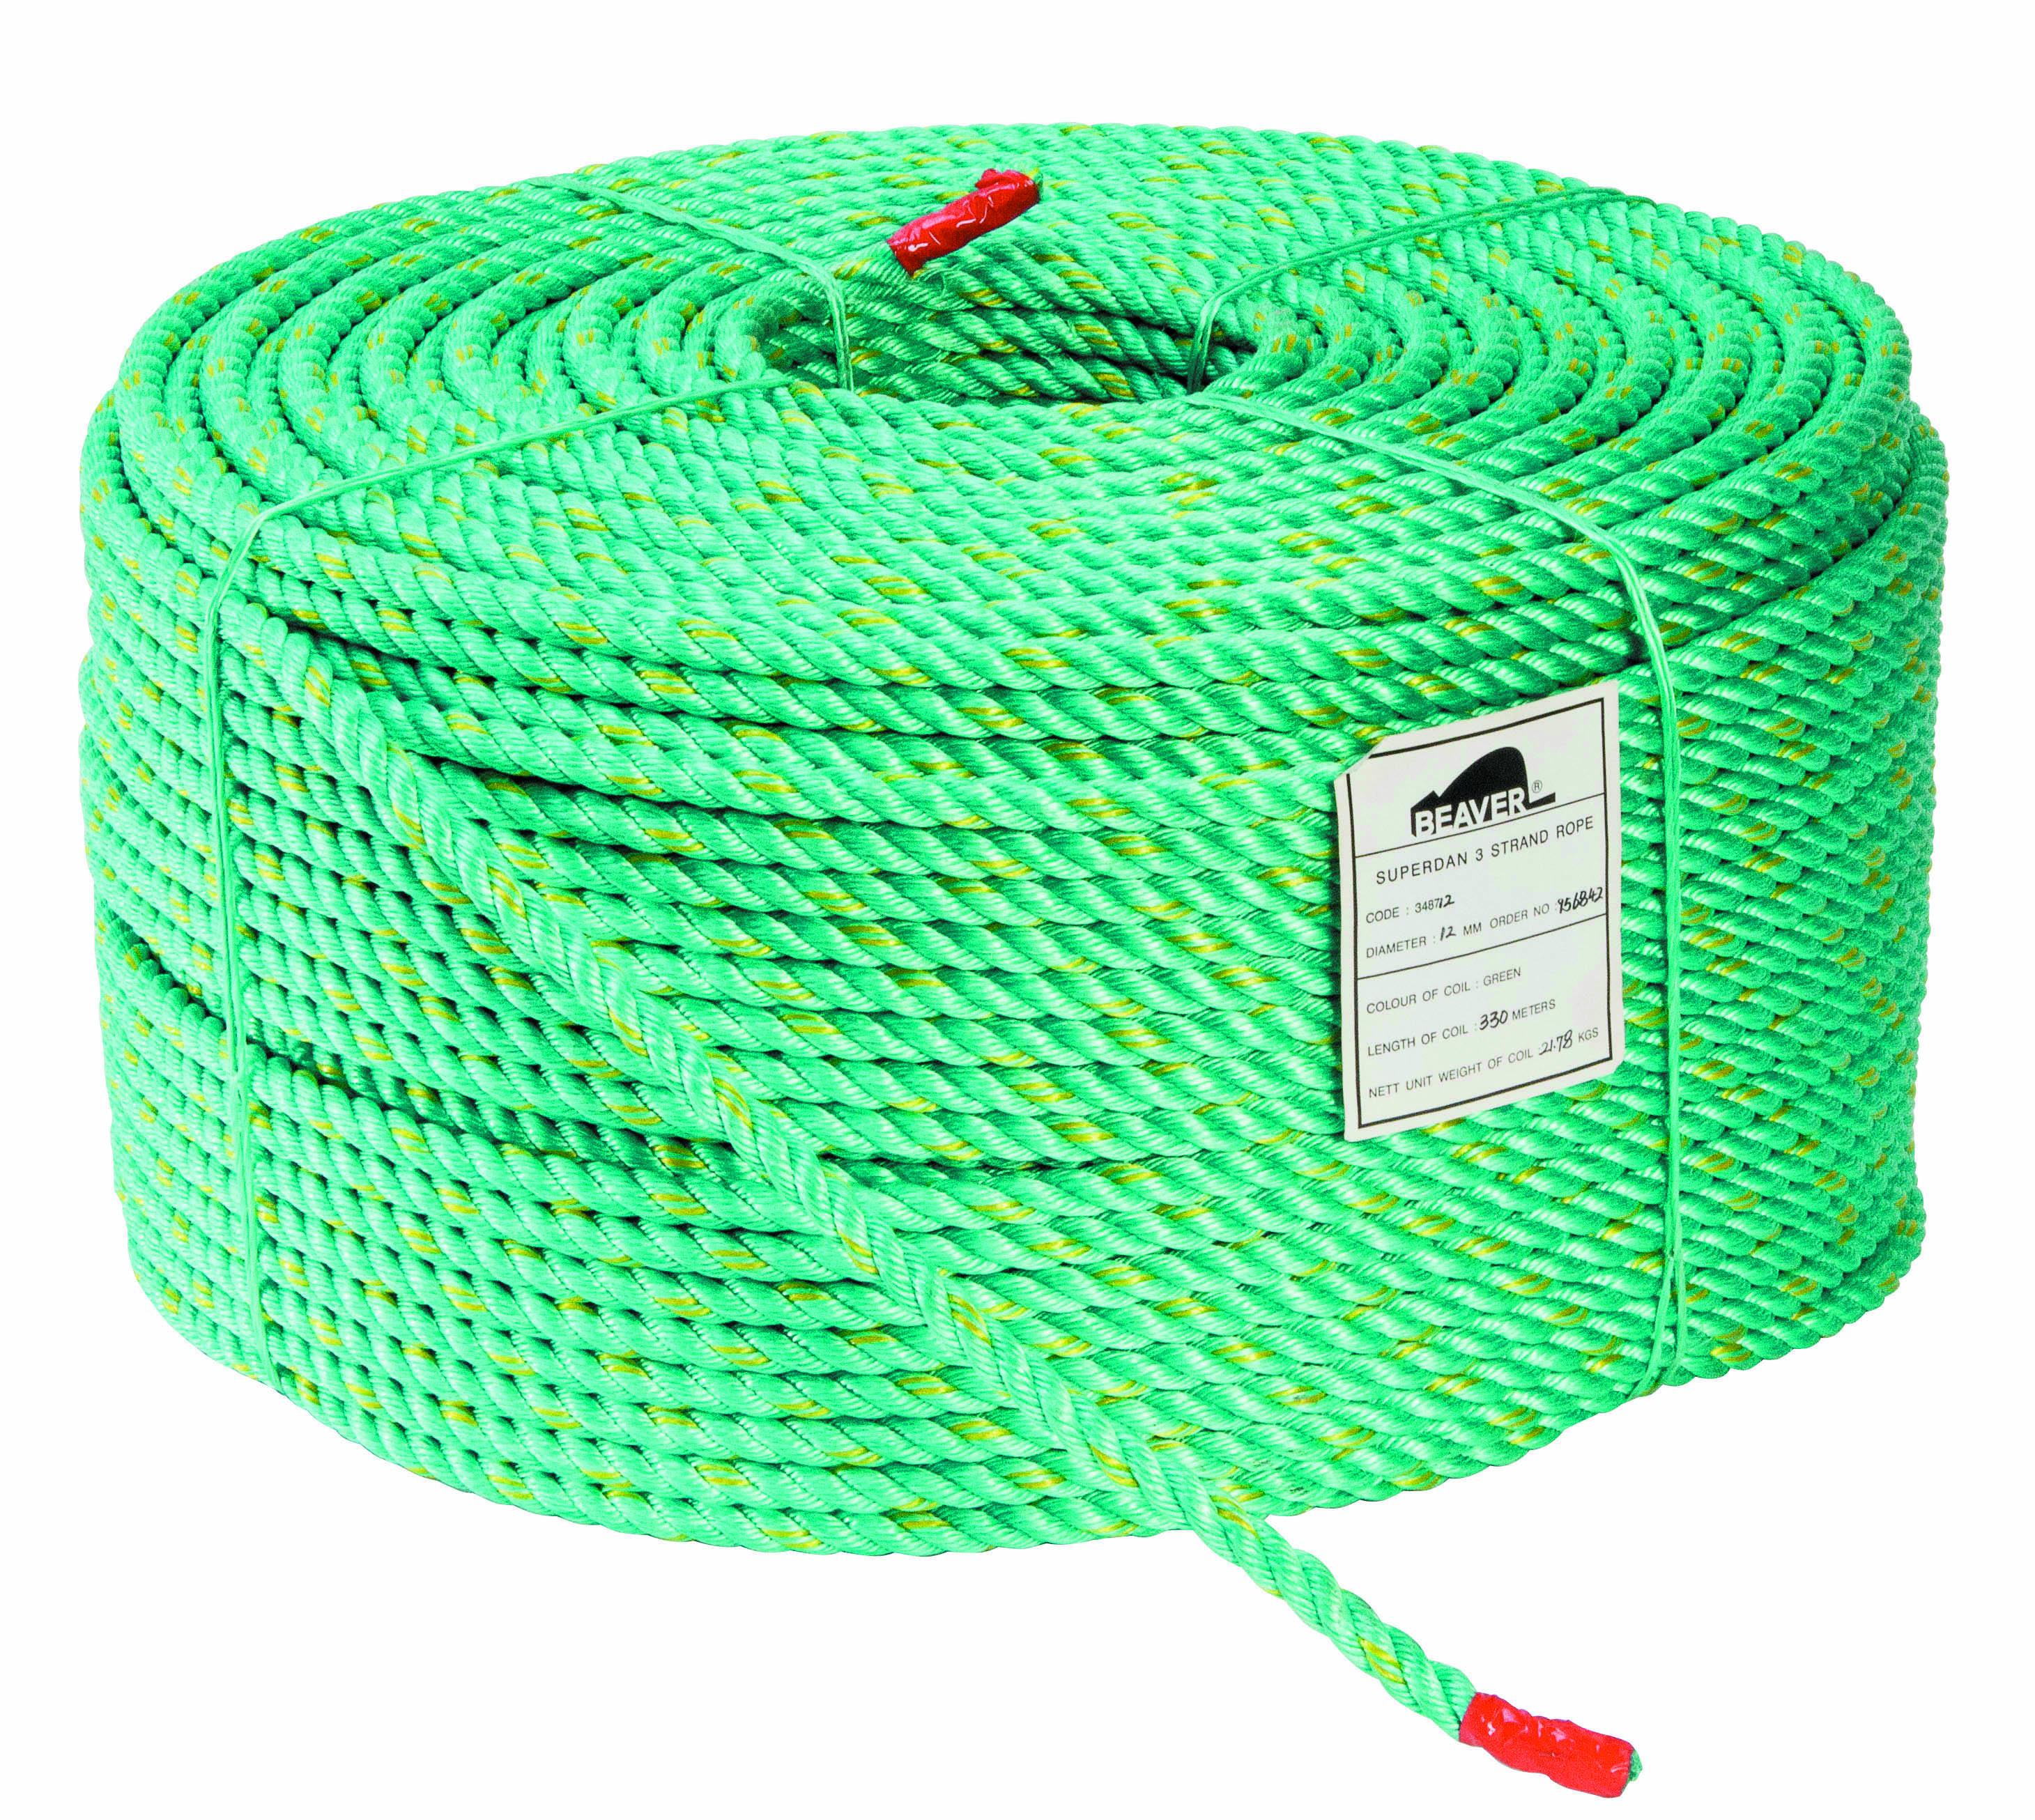 SX0208 - Fibre Rope - Beaver Brands